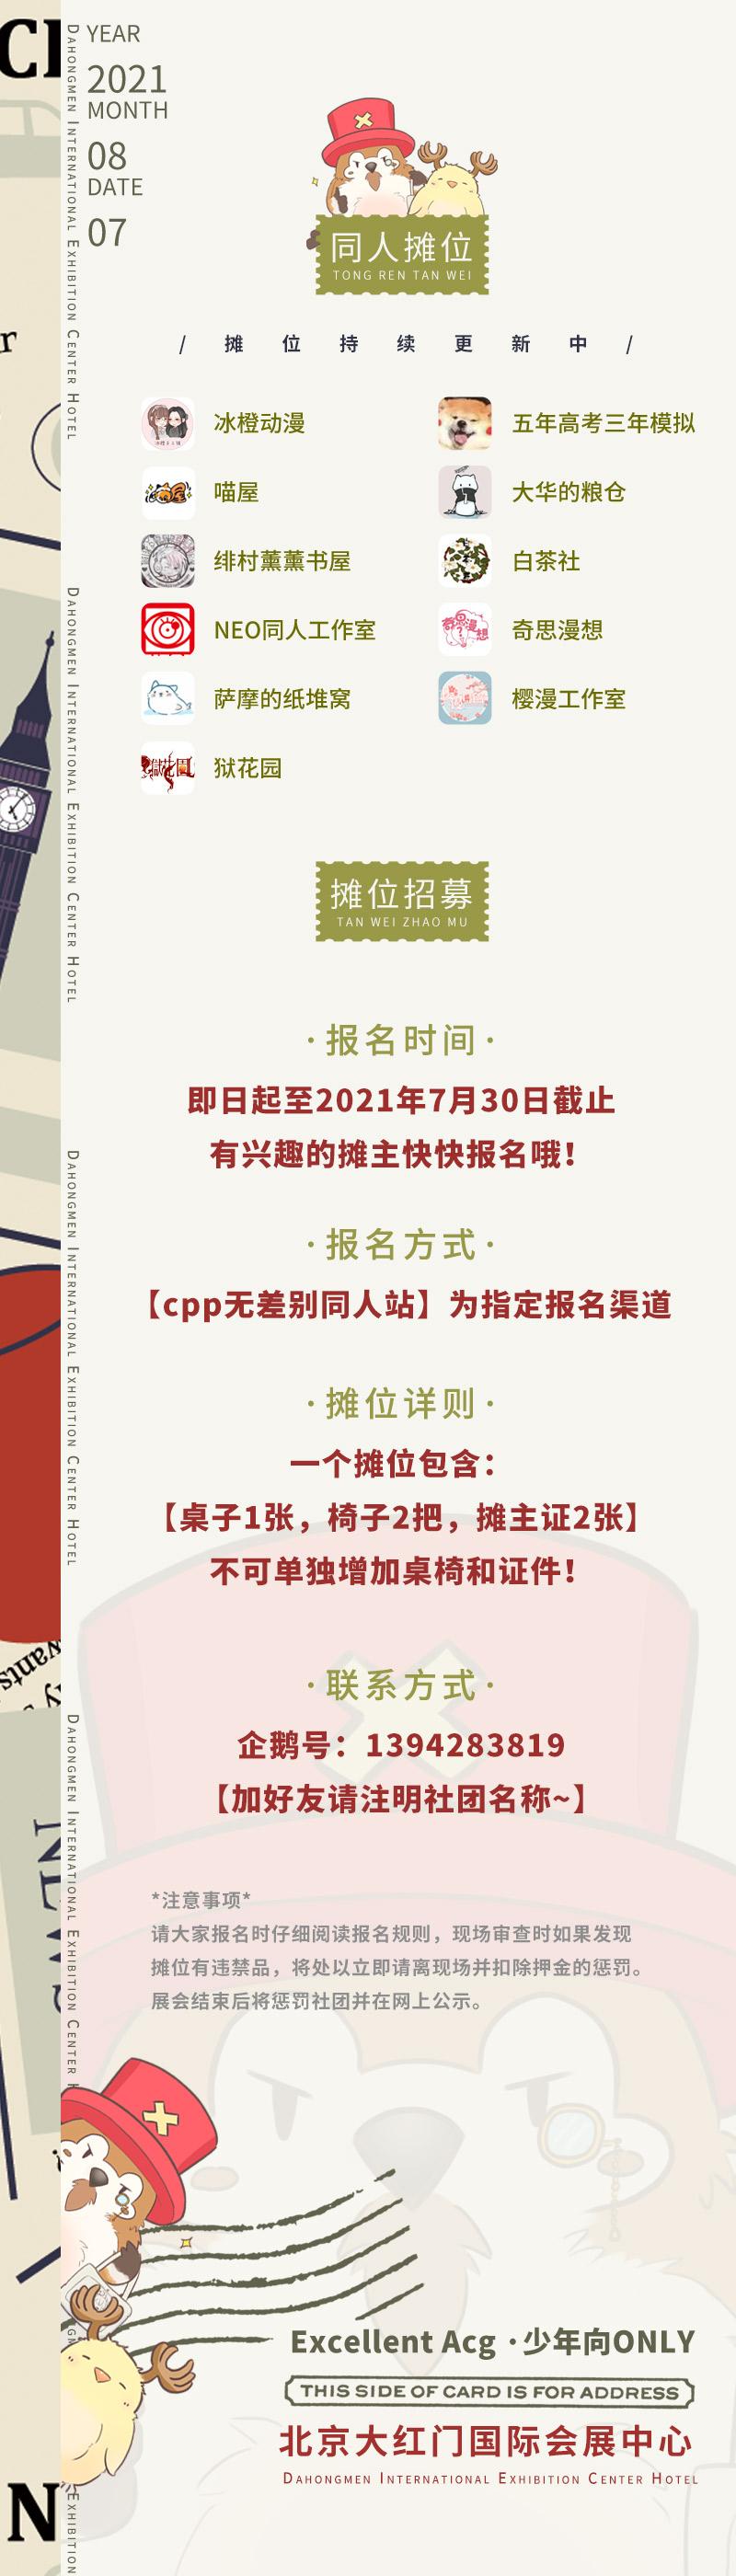 0807北京EXA少年向同人展,场内情报初公开!-看客路